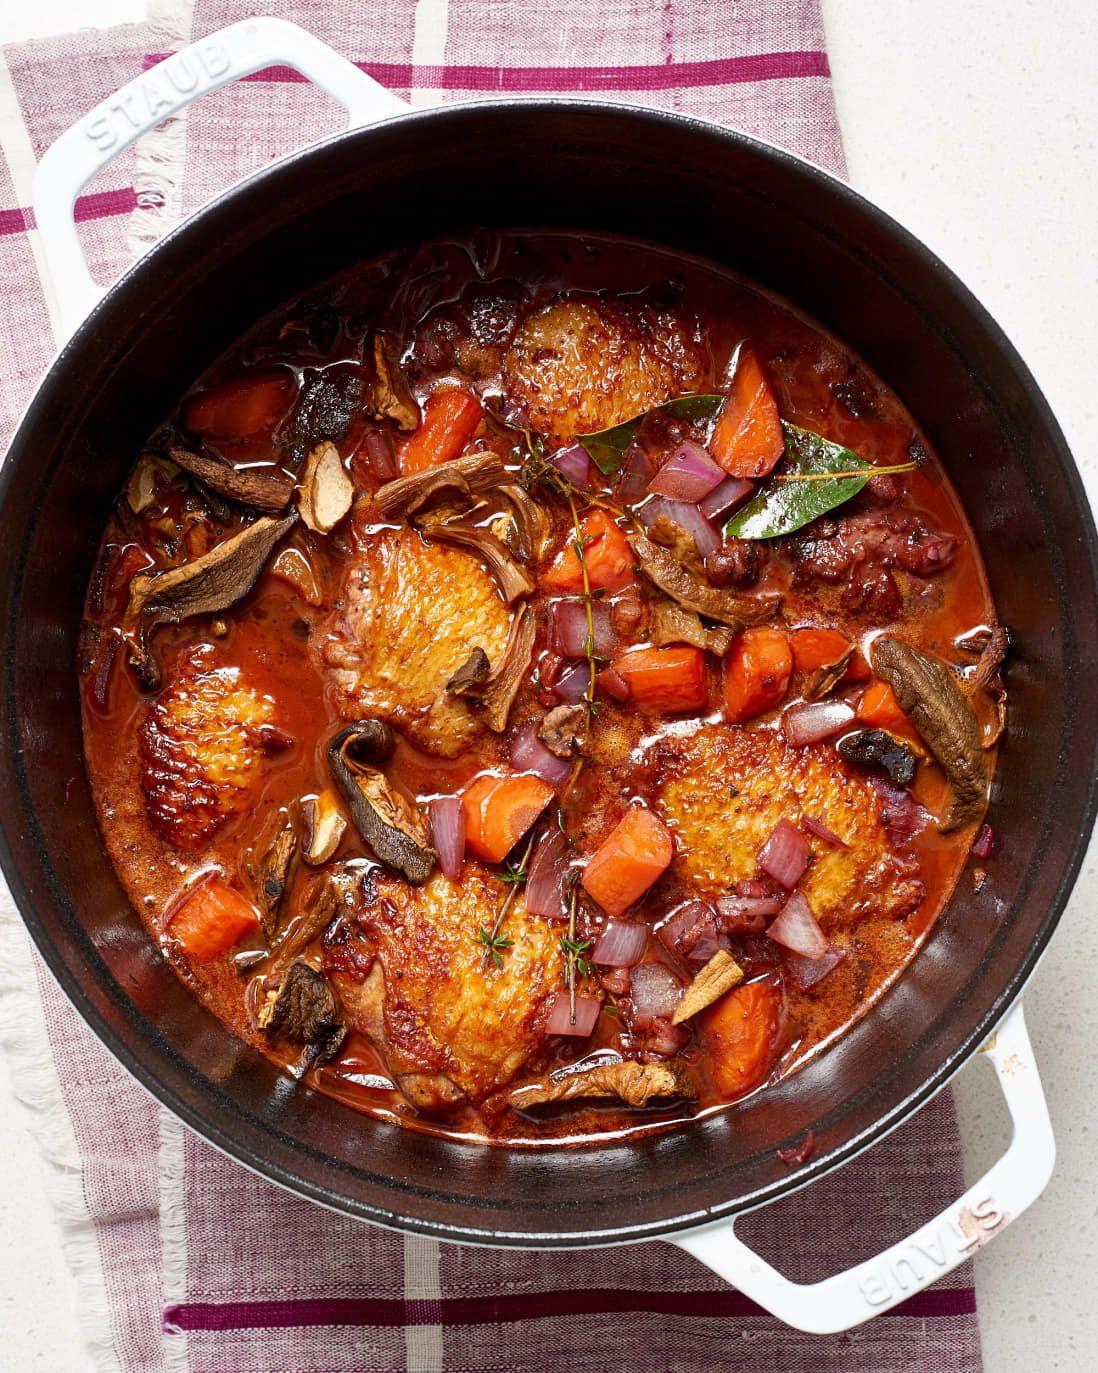 Recipe Weeknight Coq Au Vin Recipe Coq Au Vin Recipes Cooking Recipes